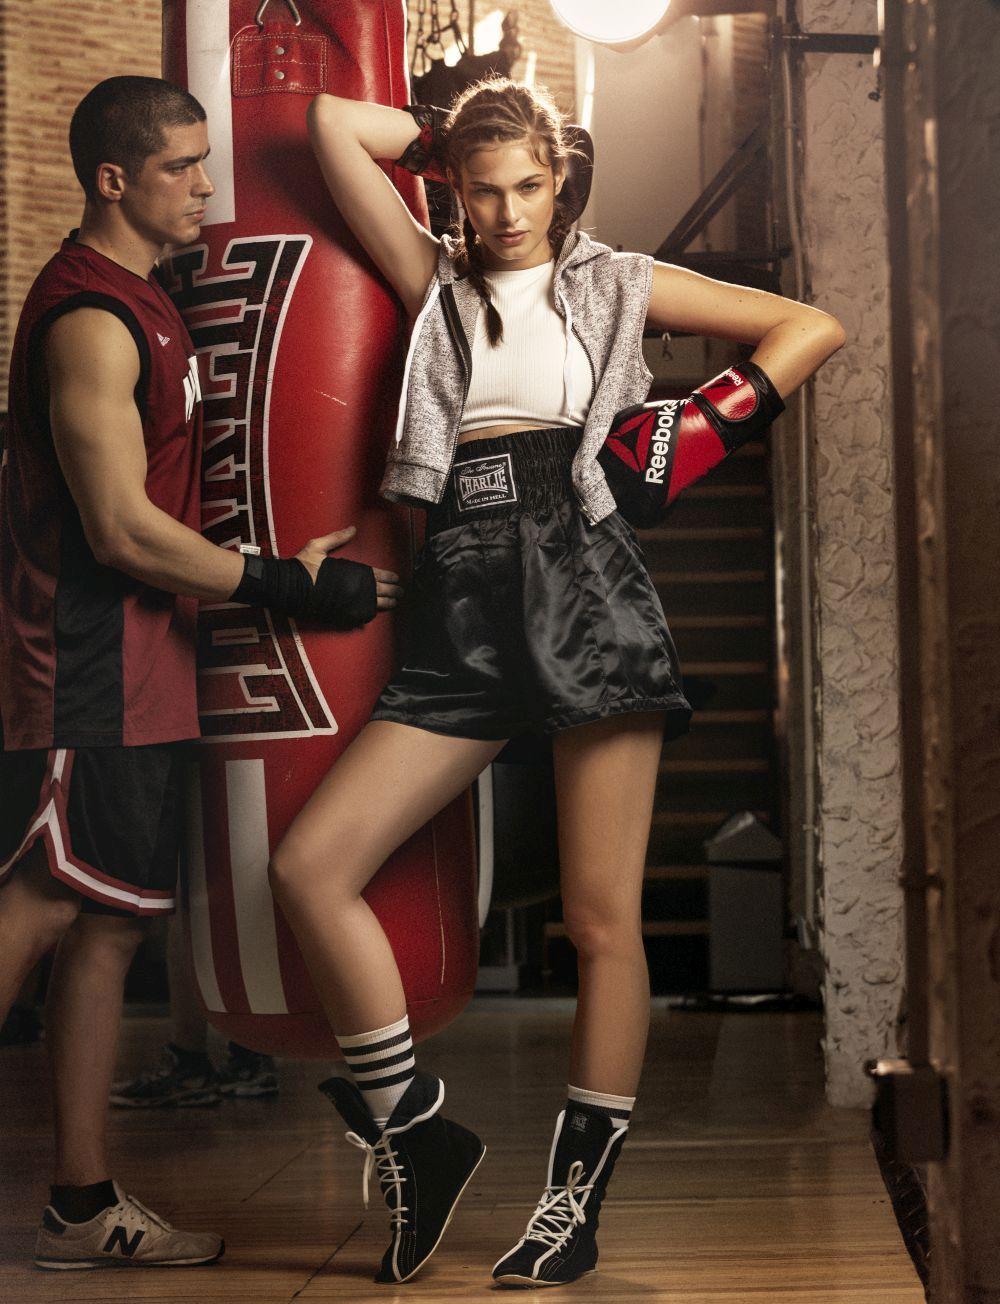 El boxeo adelgazar mujeres peleas